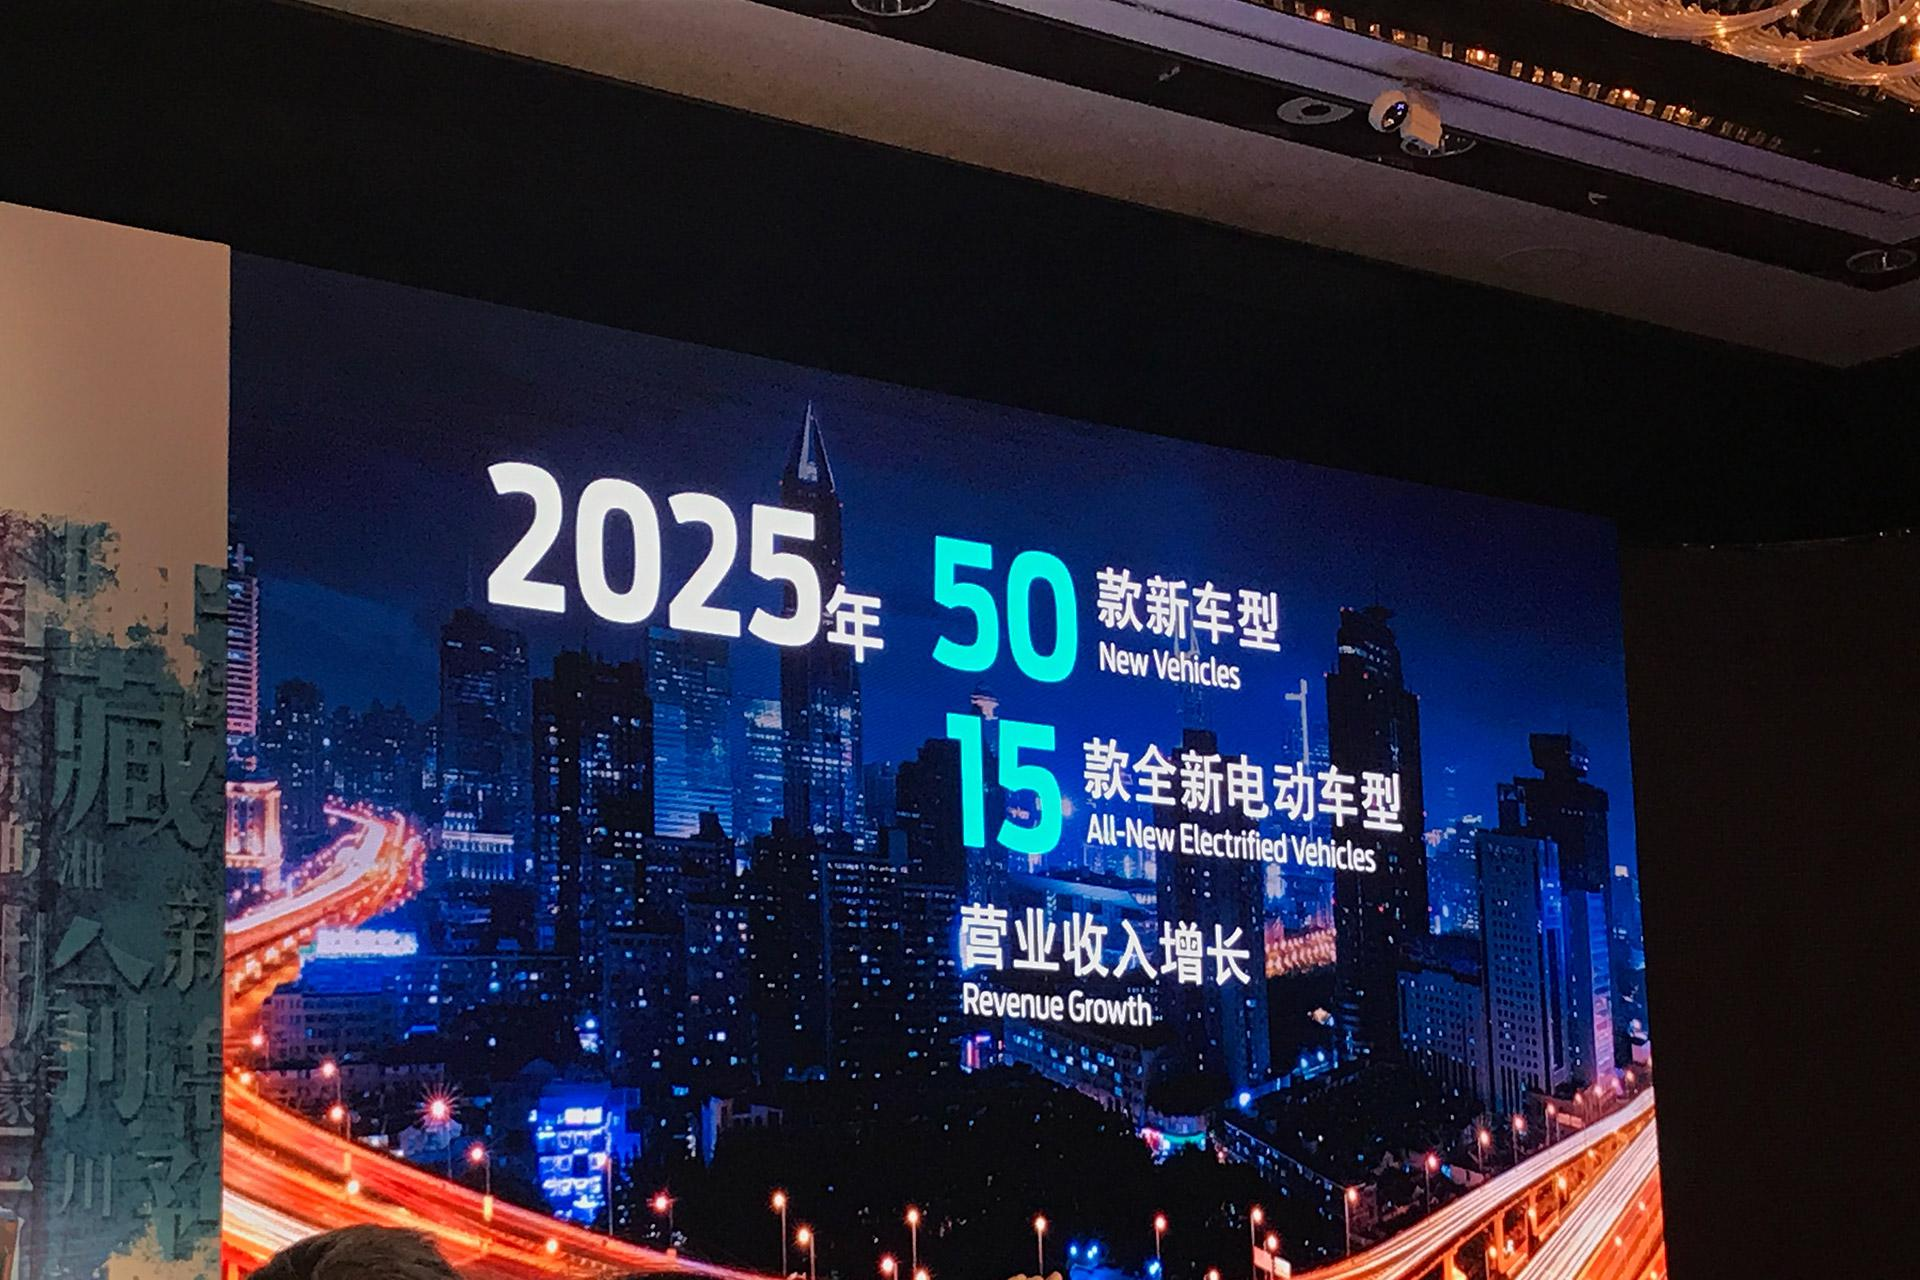 福特(中国)媒体沟通会可以视作福特2025战略的进一步解读